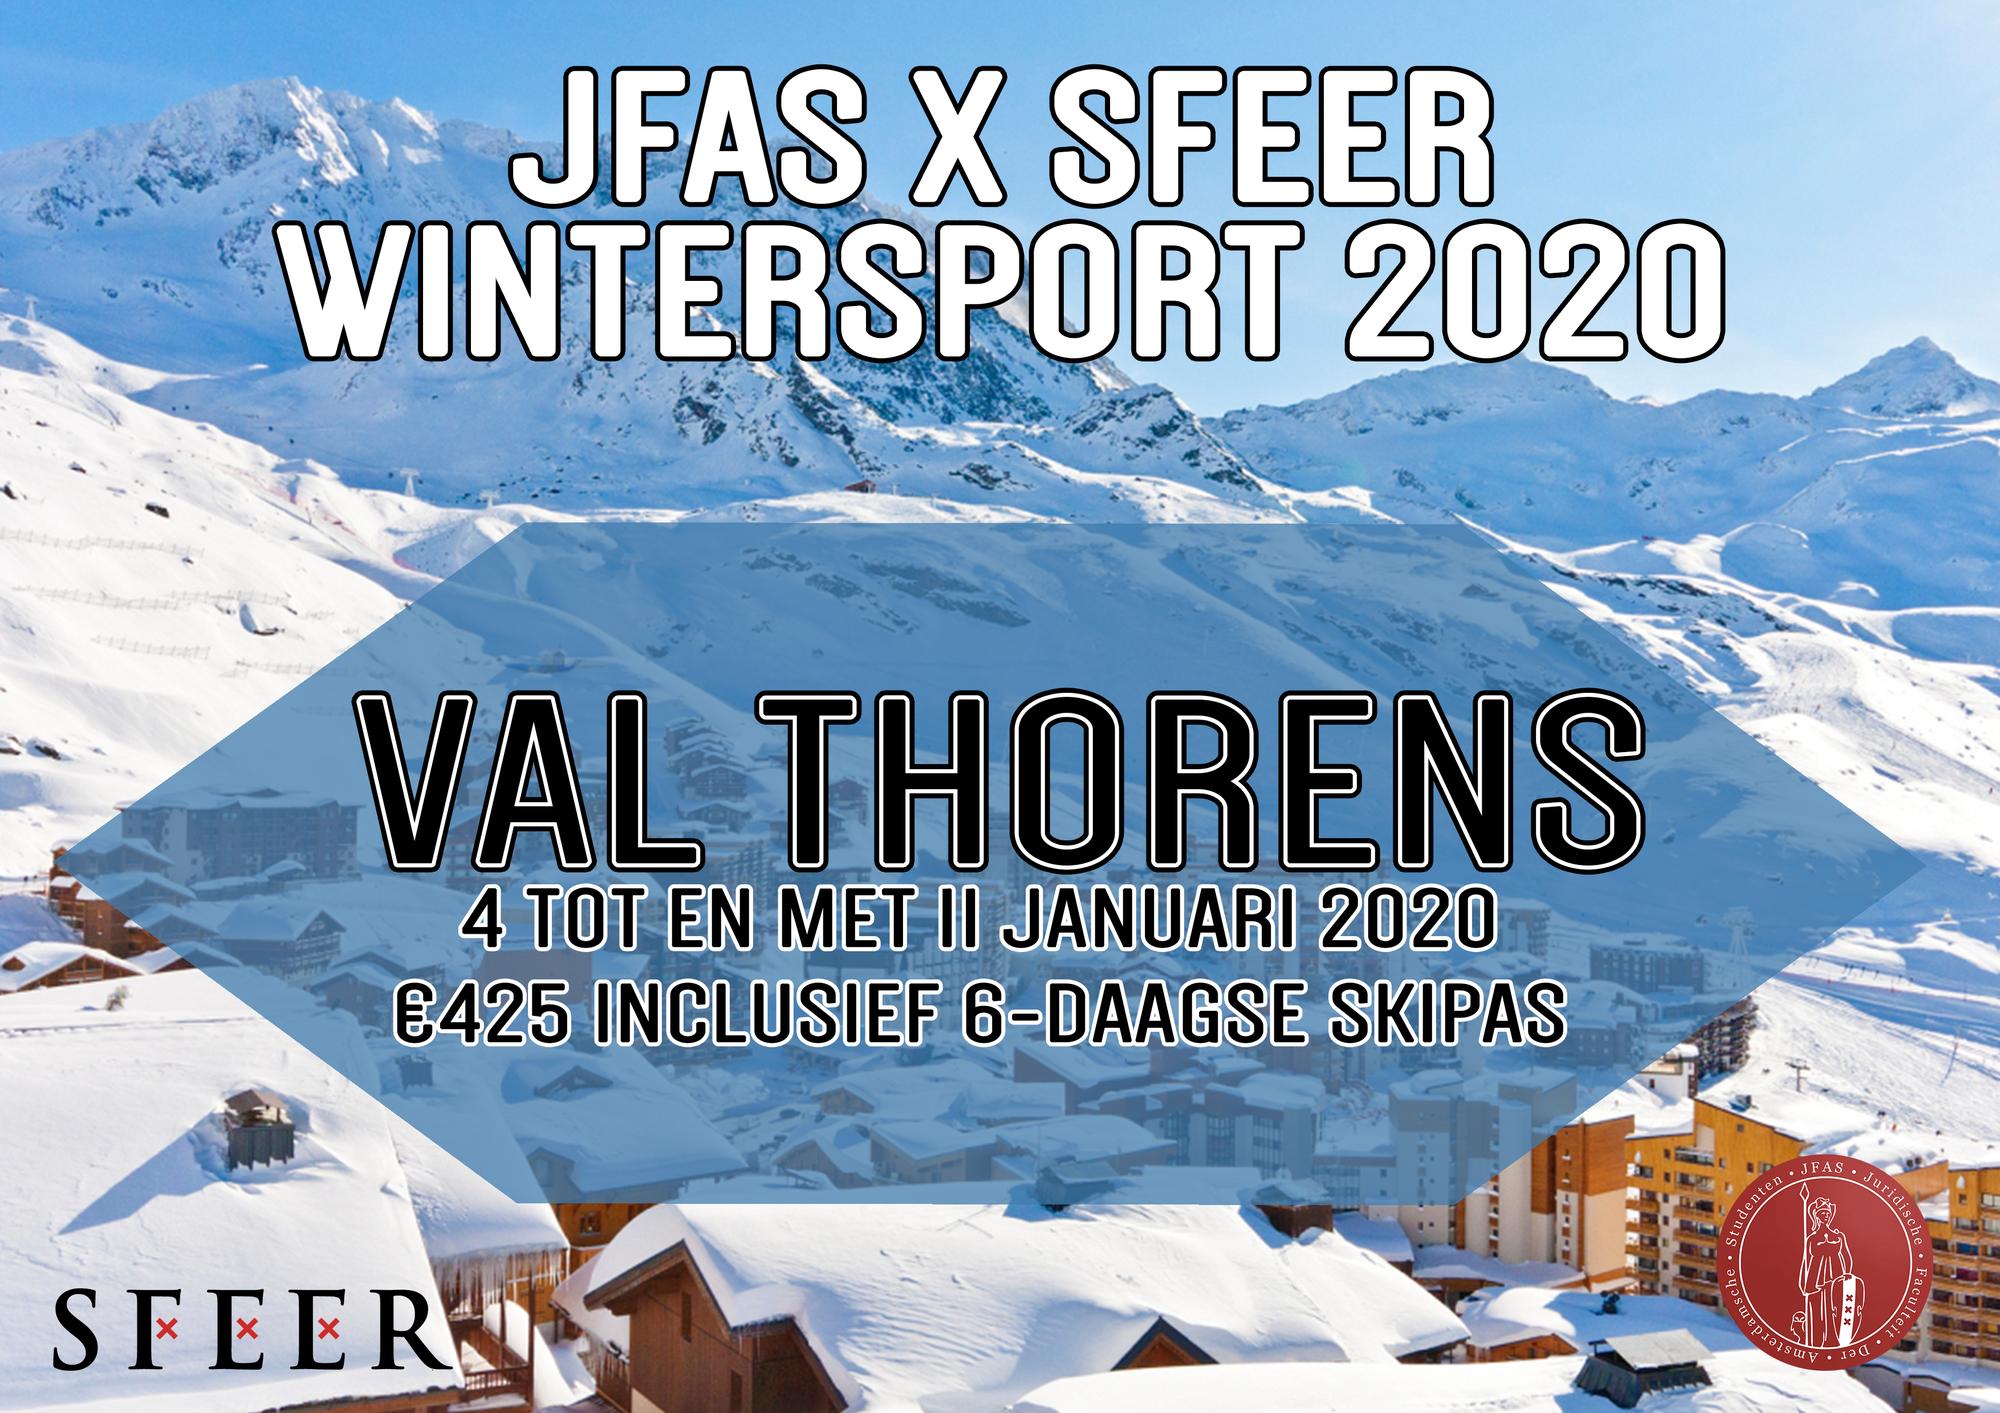 JFAS x SFEER Wintersport